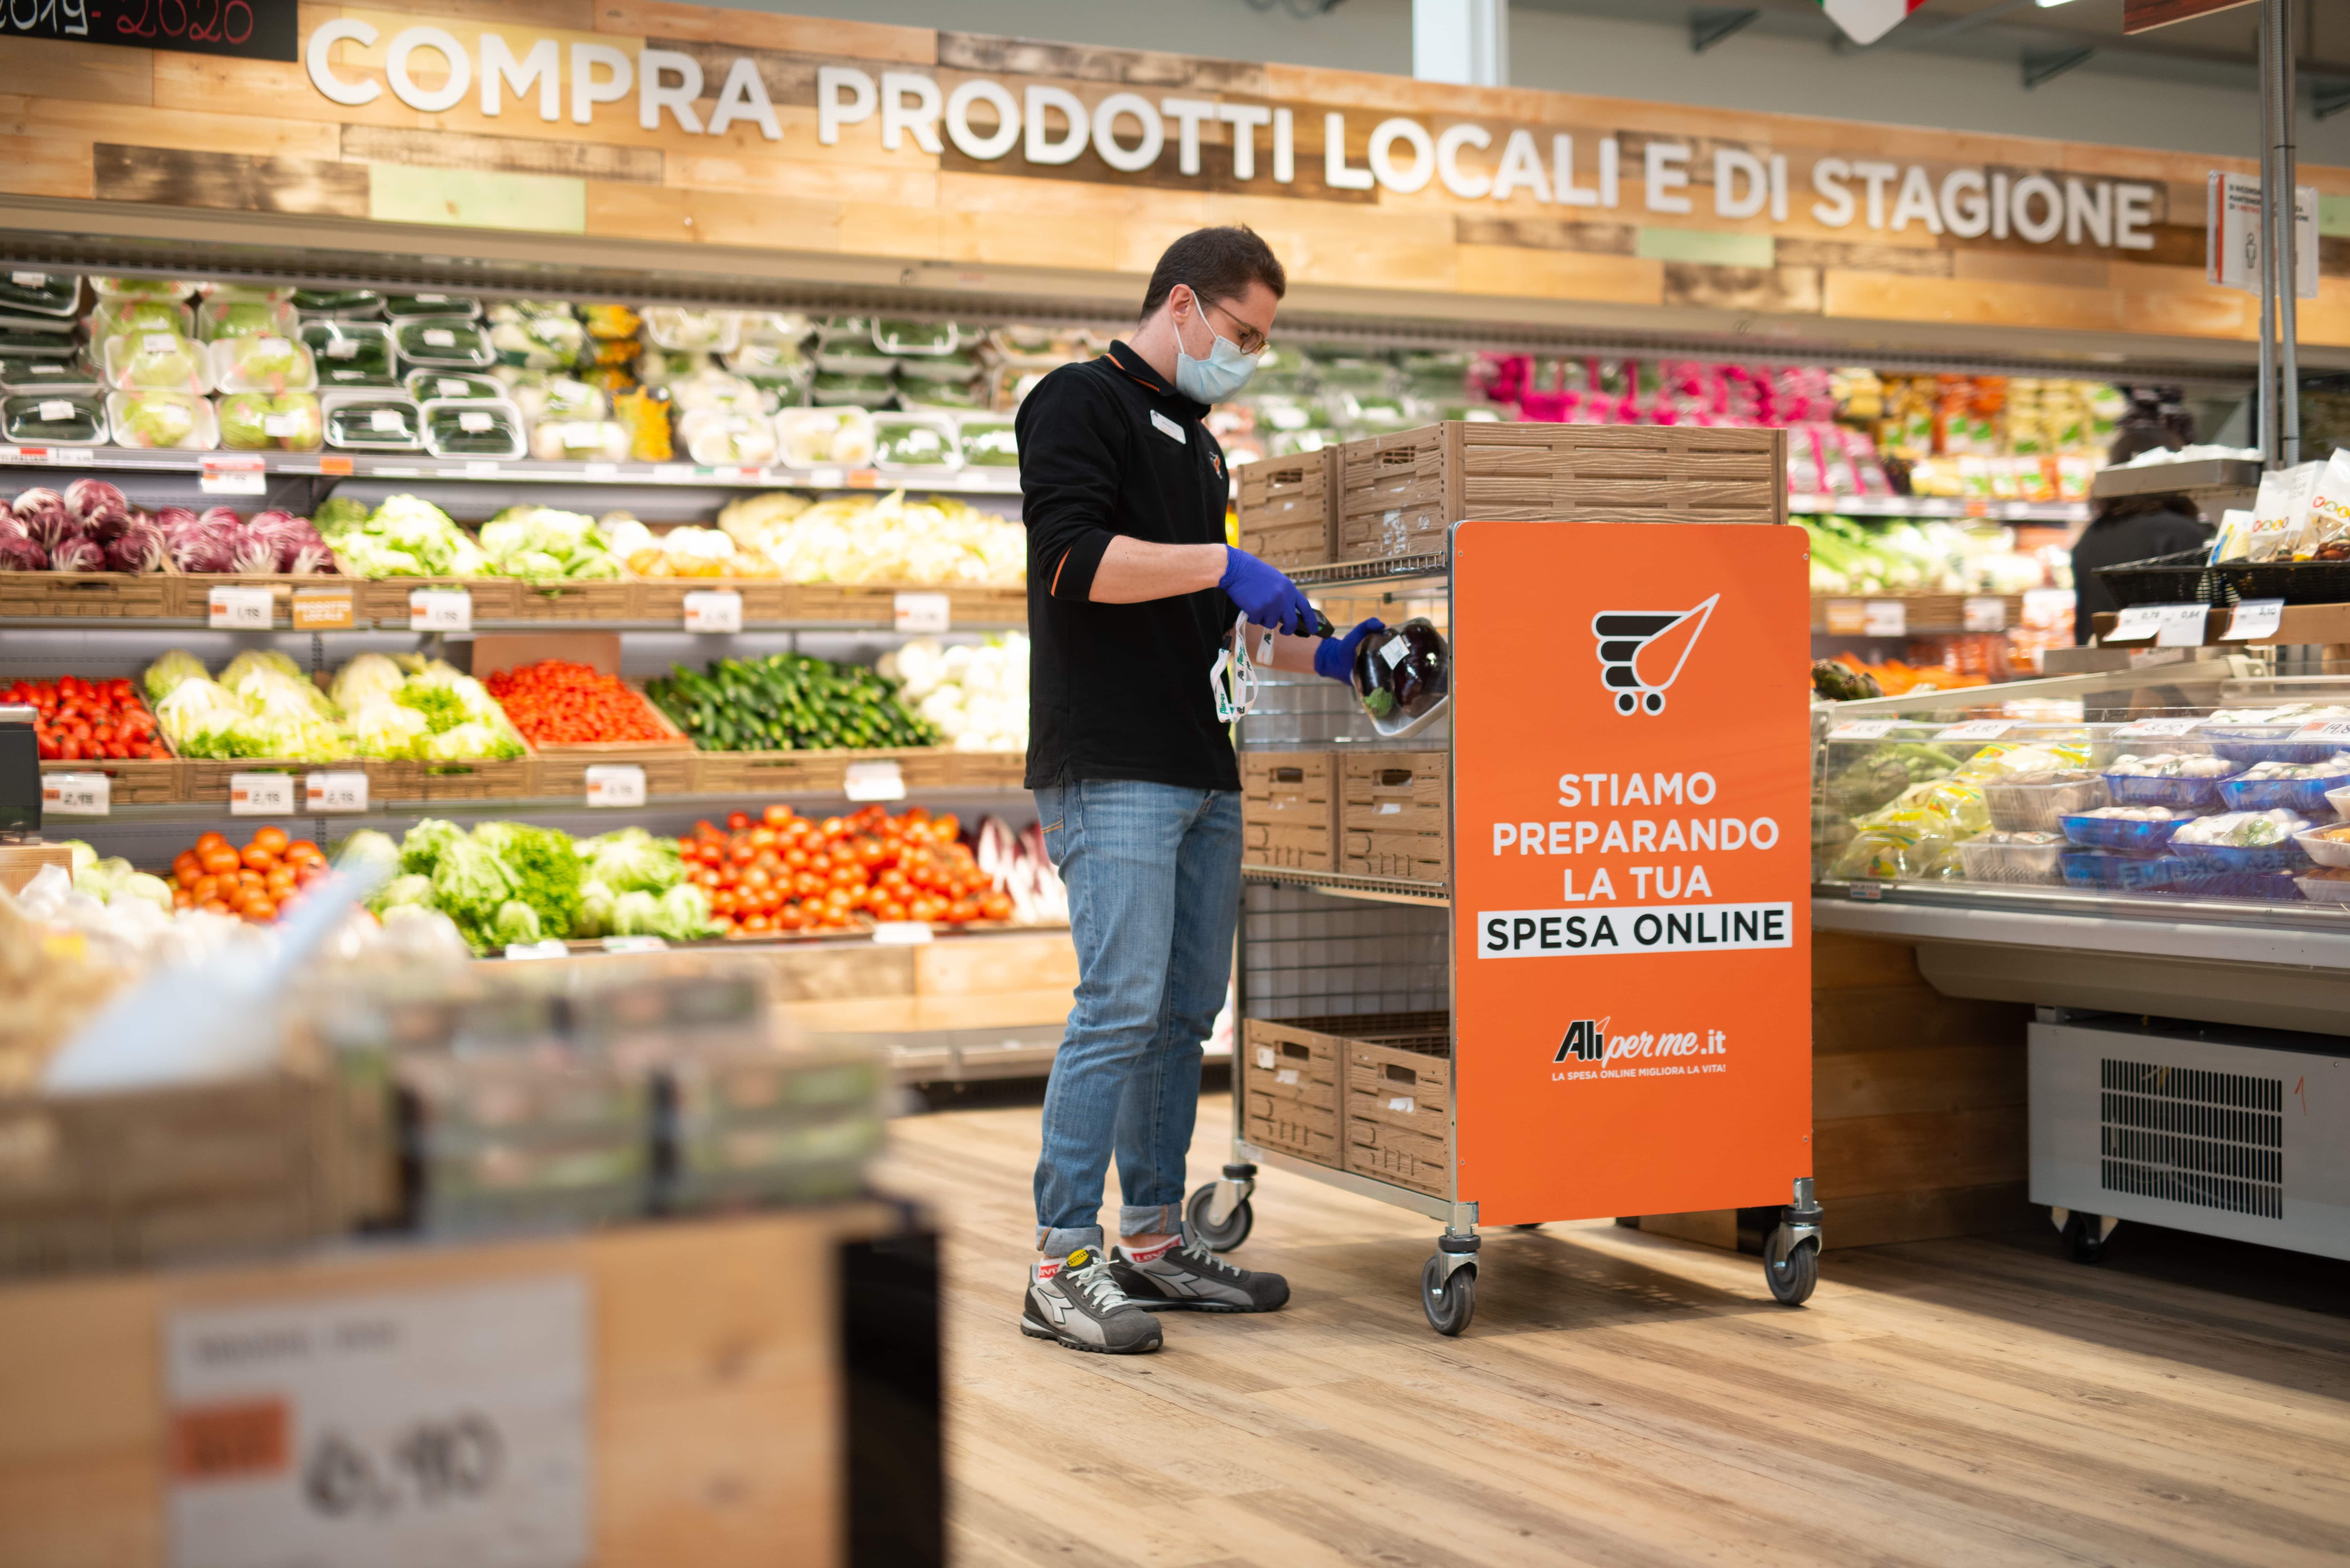 Aliperme.it: la formula della crescita sostenibile dell'e-commerce per i supermercati Alì